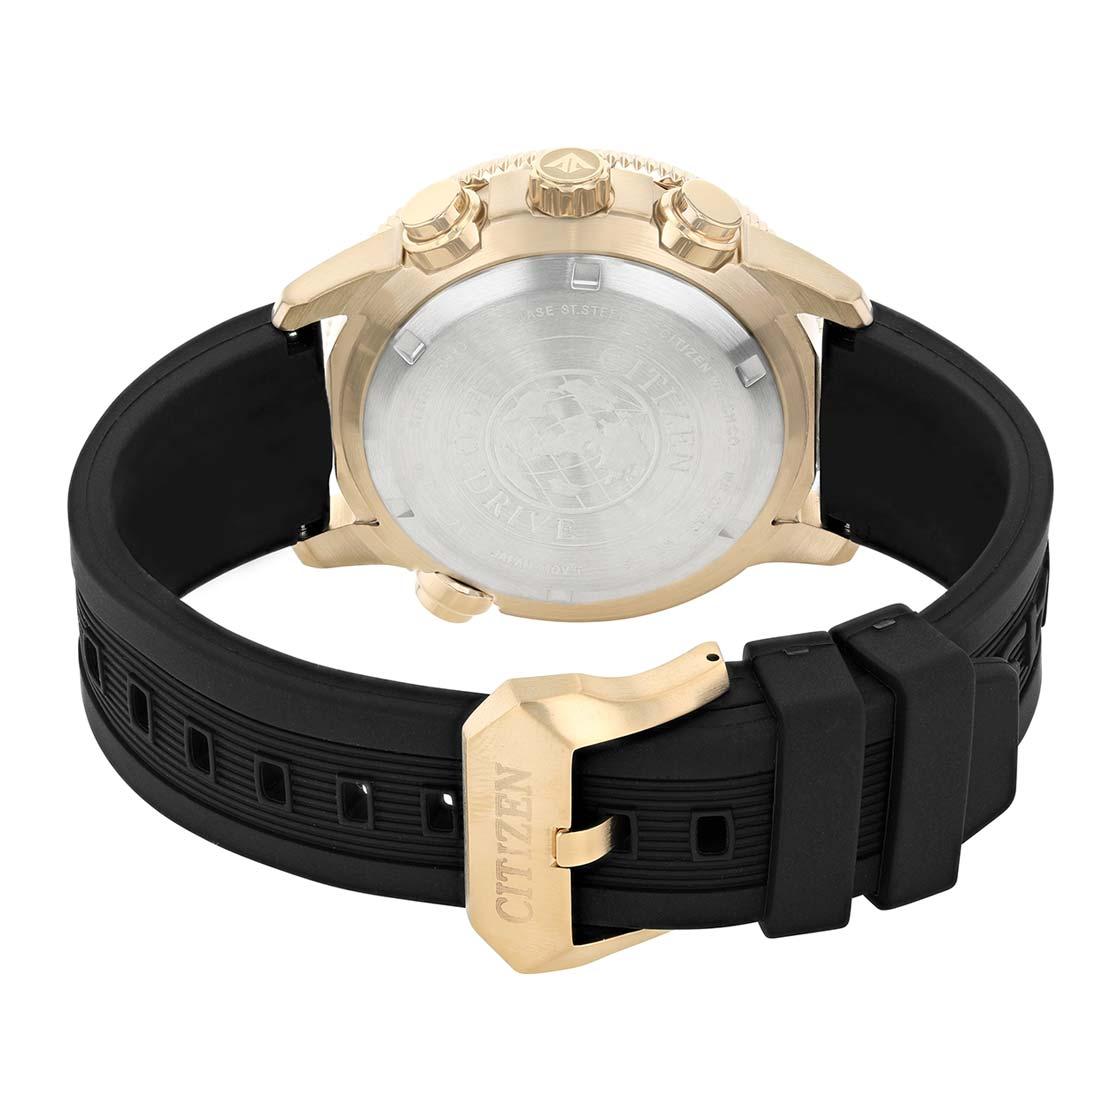 ساعت مچی عقربهای مردانه سیتی زن مدل JR4063-12E